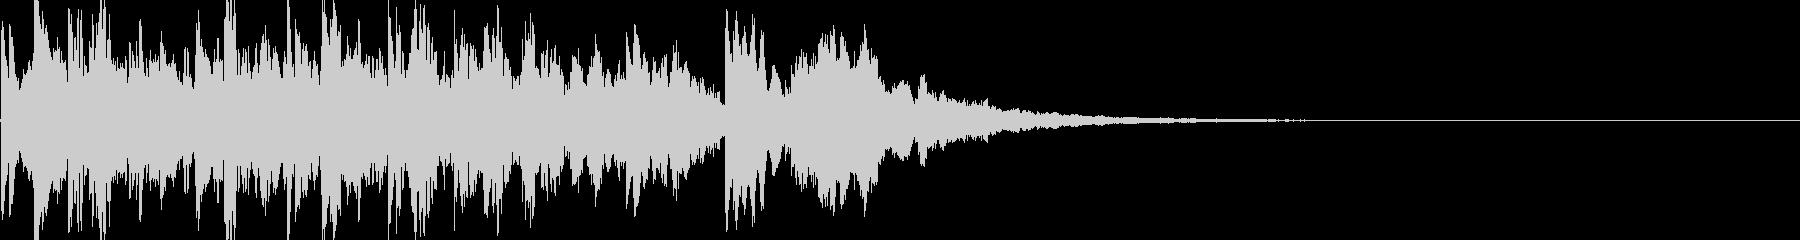 電車到着音(短い音楽)の未再生の波形